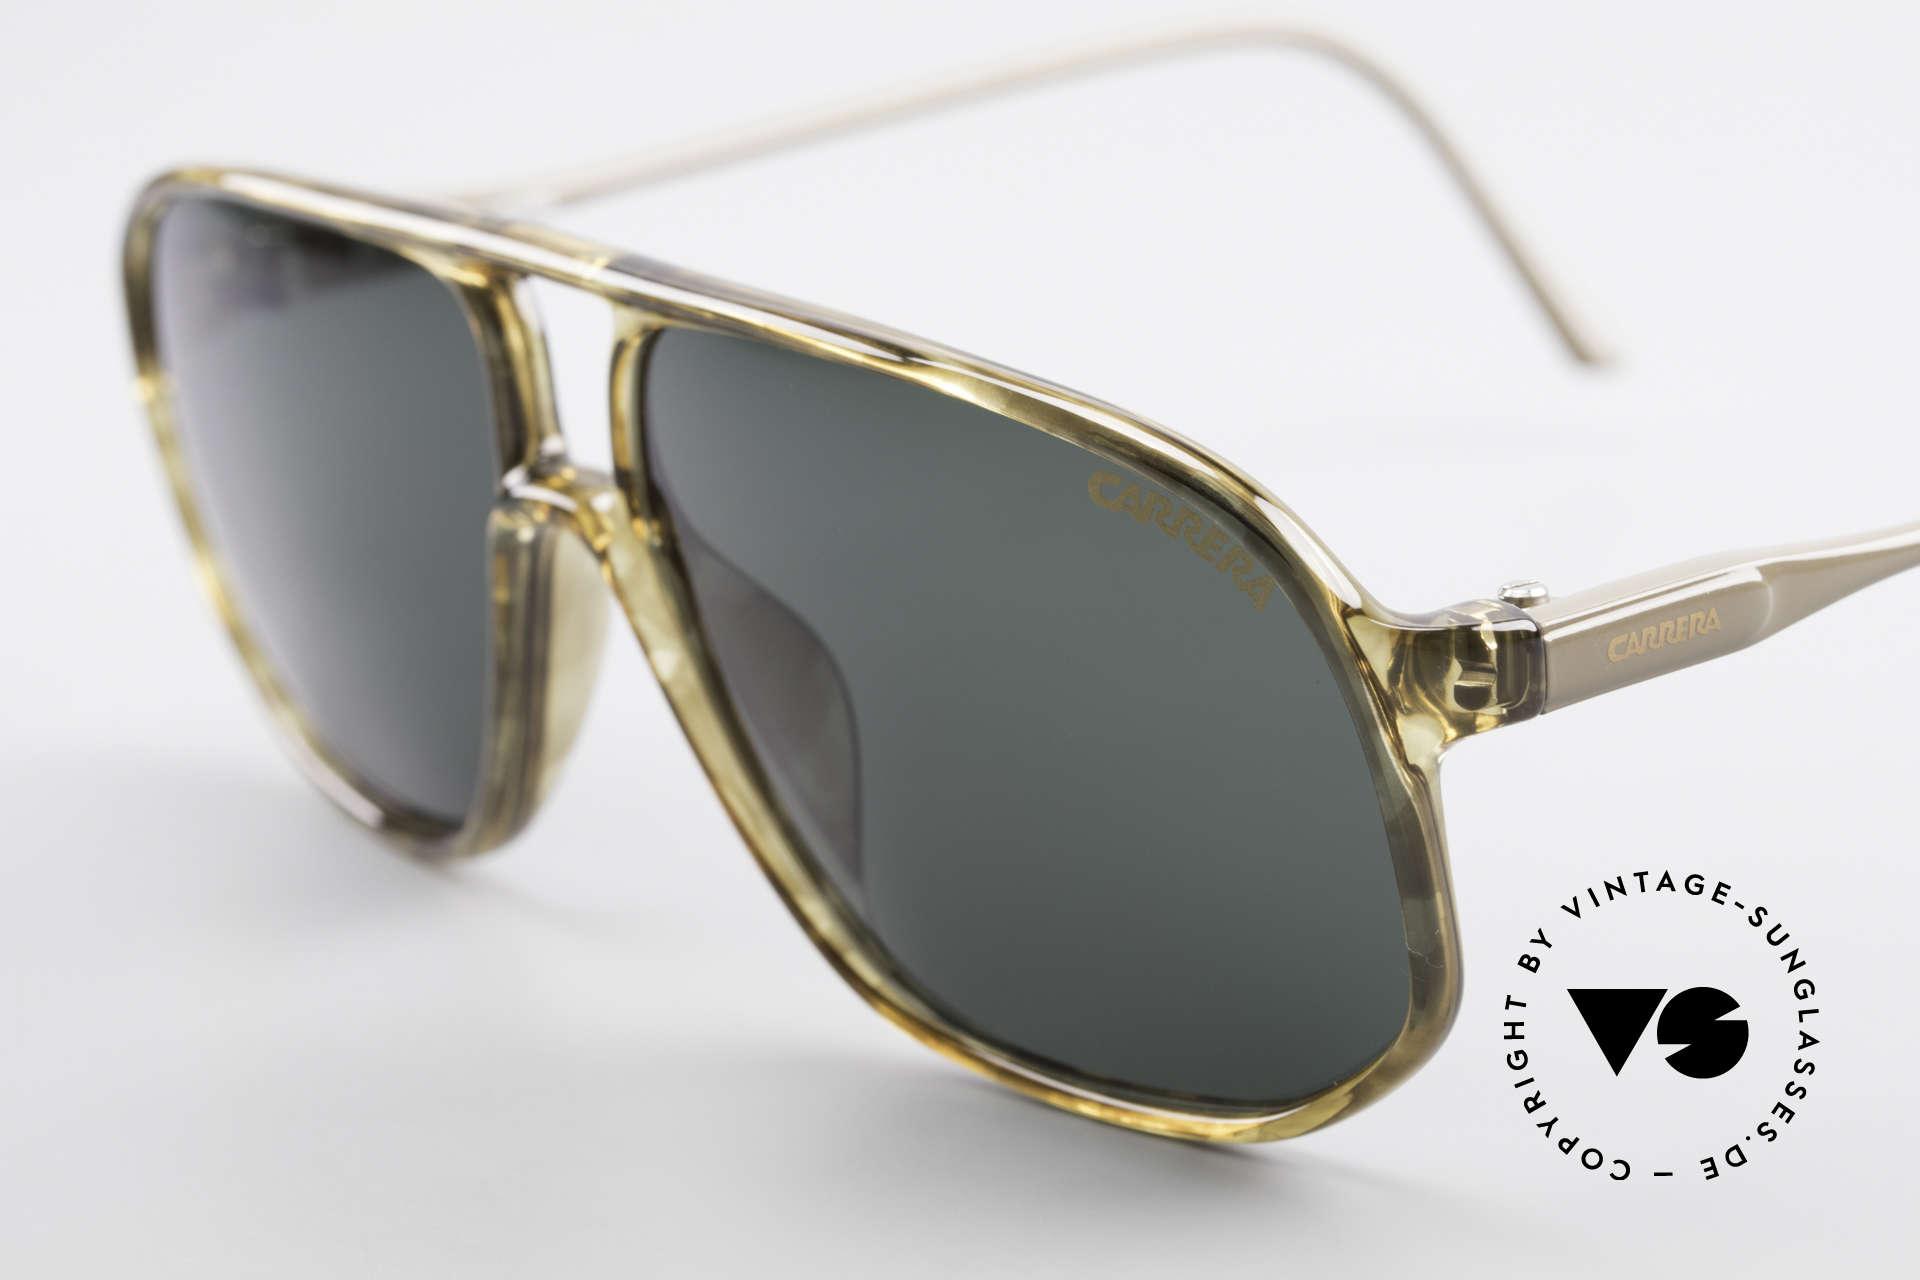 Carrera 5325 80's Carrera Sunglasses Optyl, unique frame coloring & Carrera sun lenses; 100% UV, Made for Men